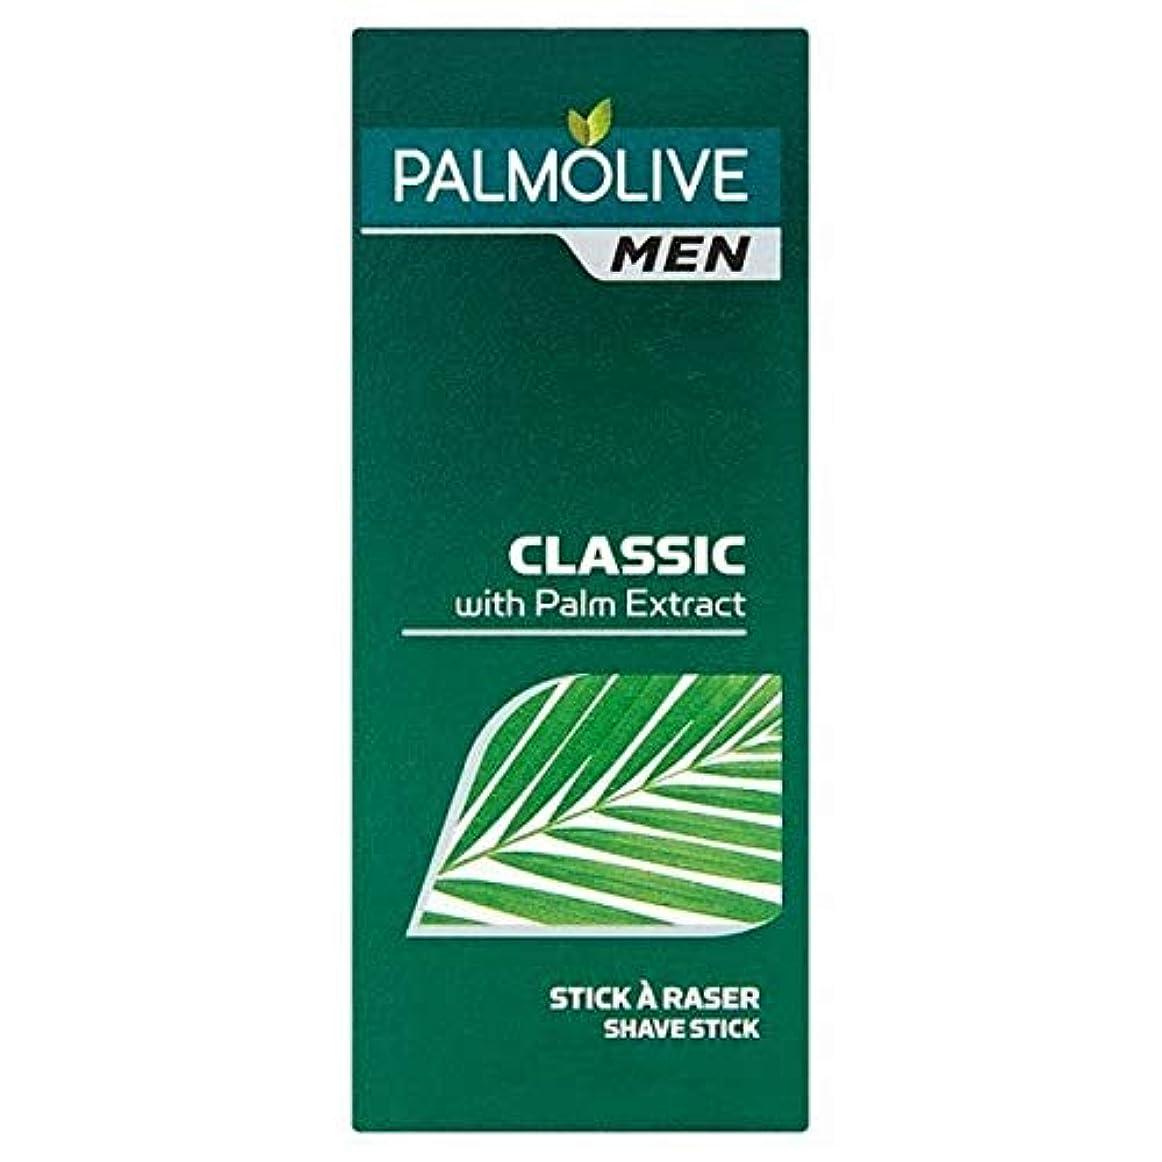 誰のプロフェッショナル写真を描く[Palmolive] パルモ剃りスティック36ミリリットル - Palmolive Shave Stick 36ml [並行輸入品]